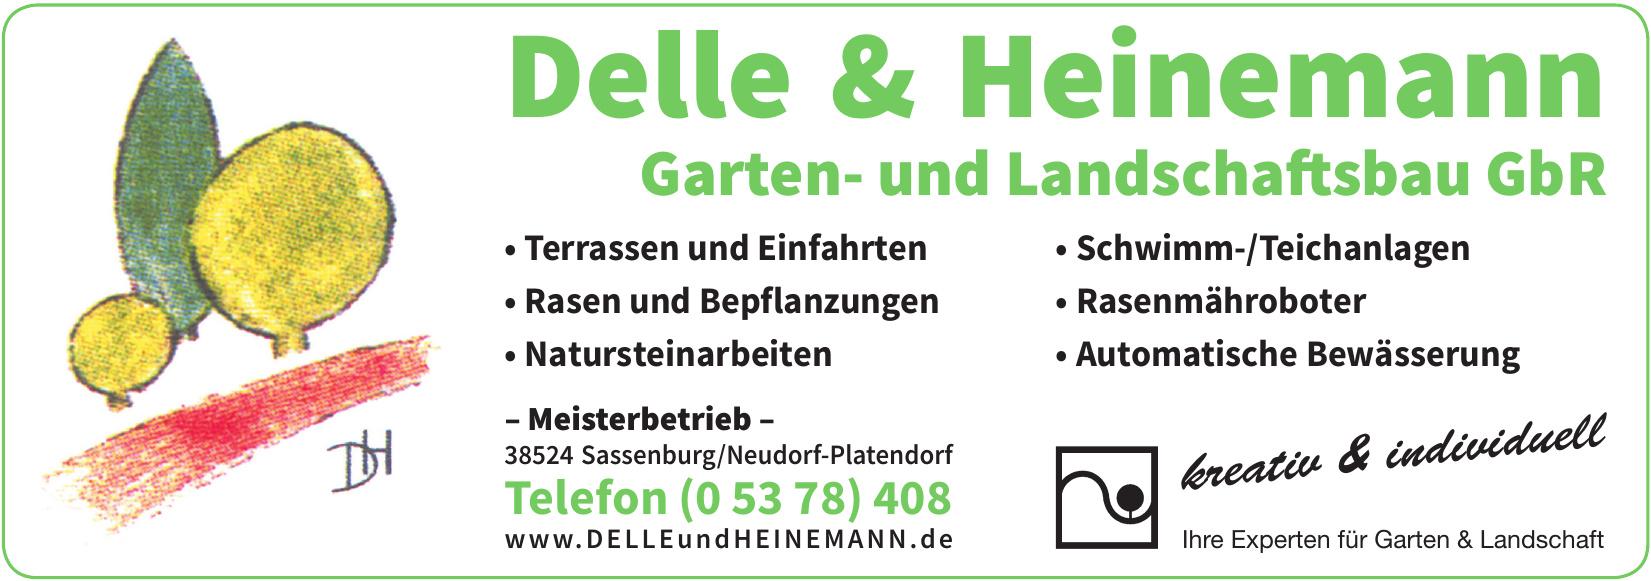 Delle & Heinemann Garten- und Landschaftsbau GbR